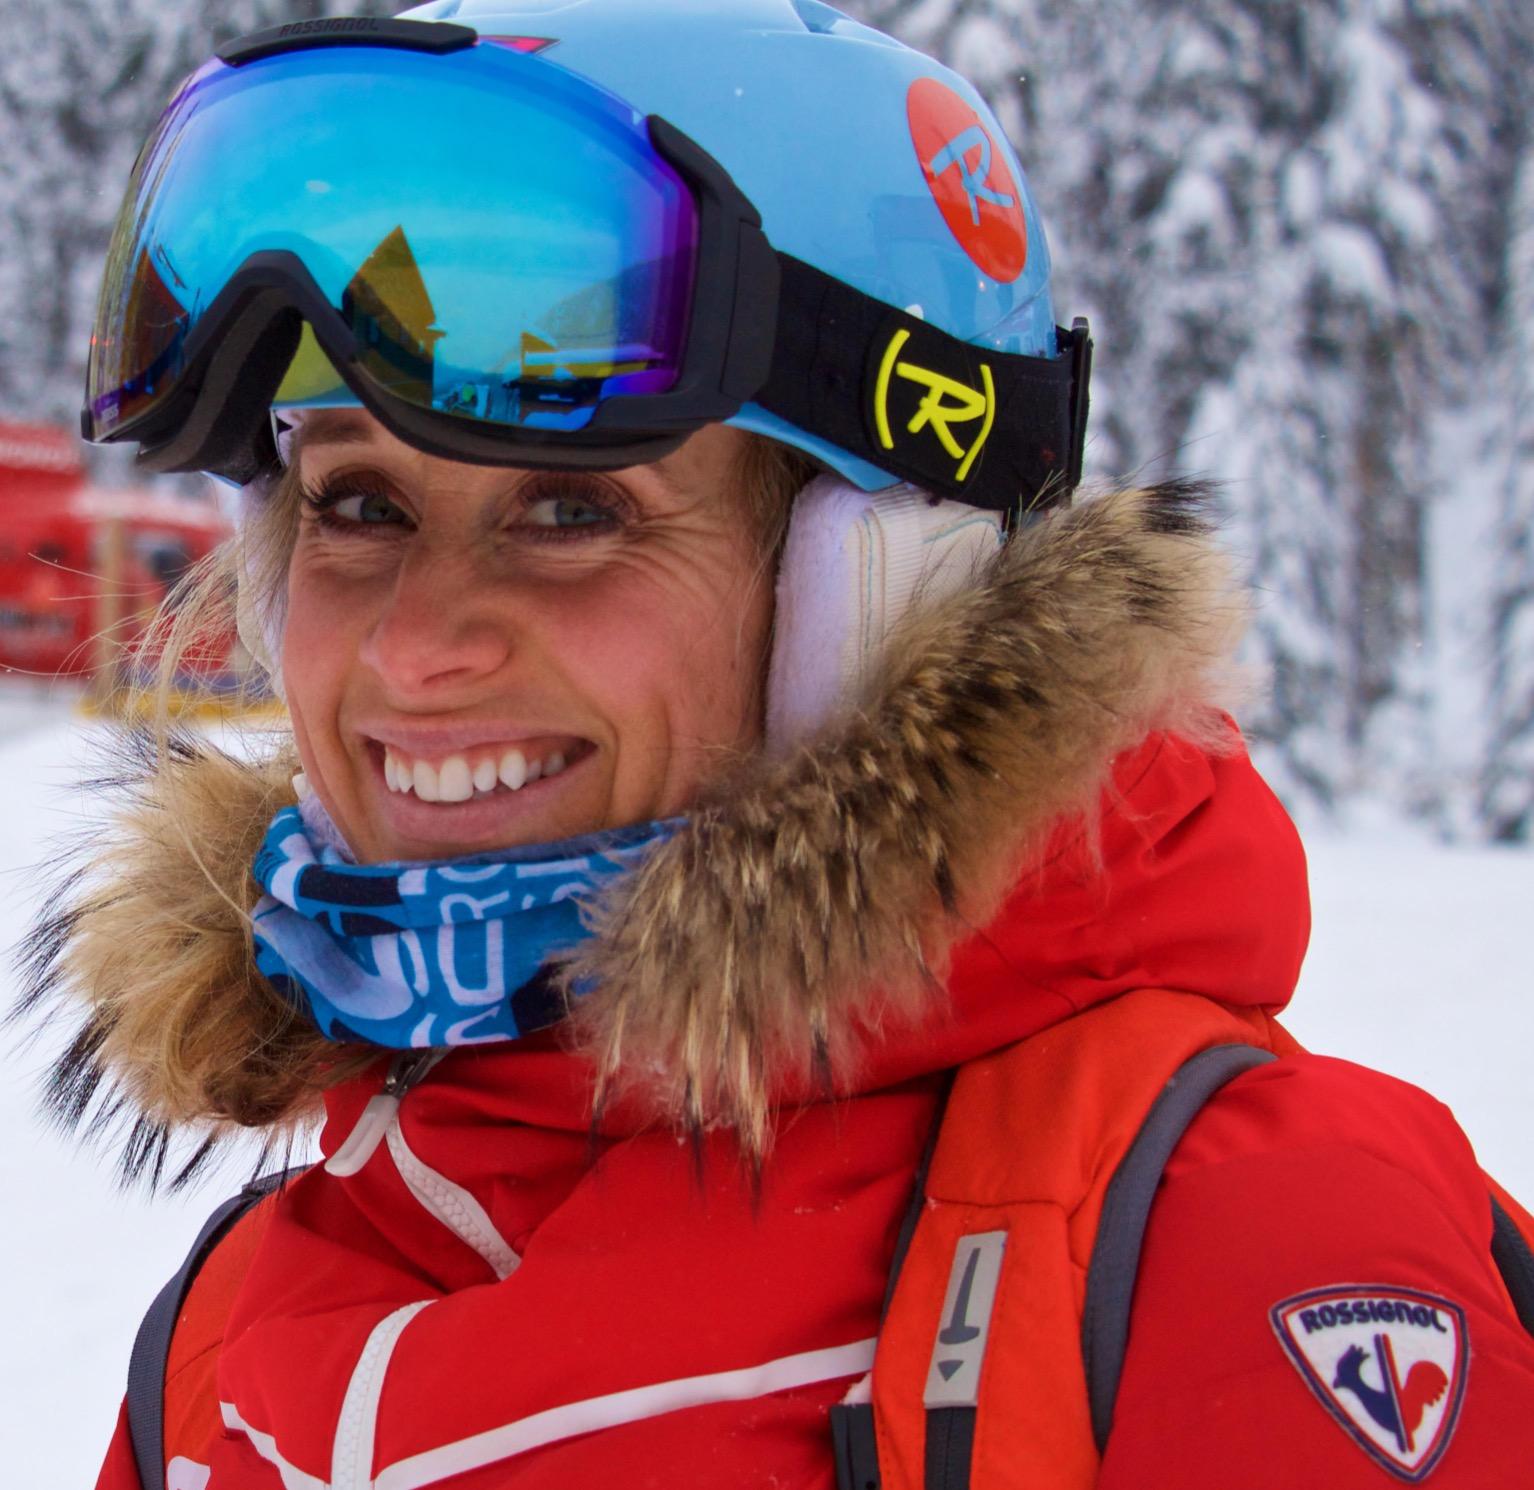 Claire Challen